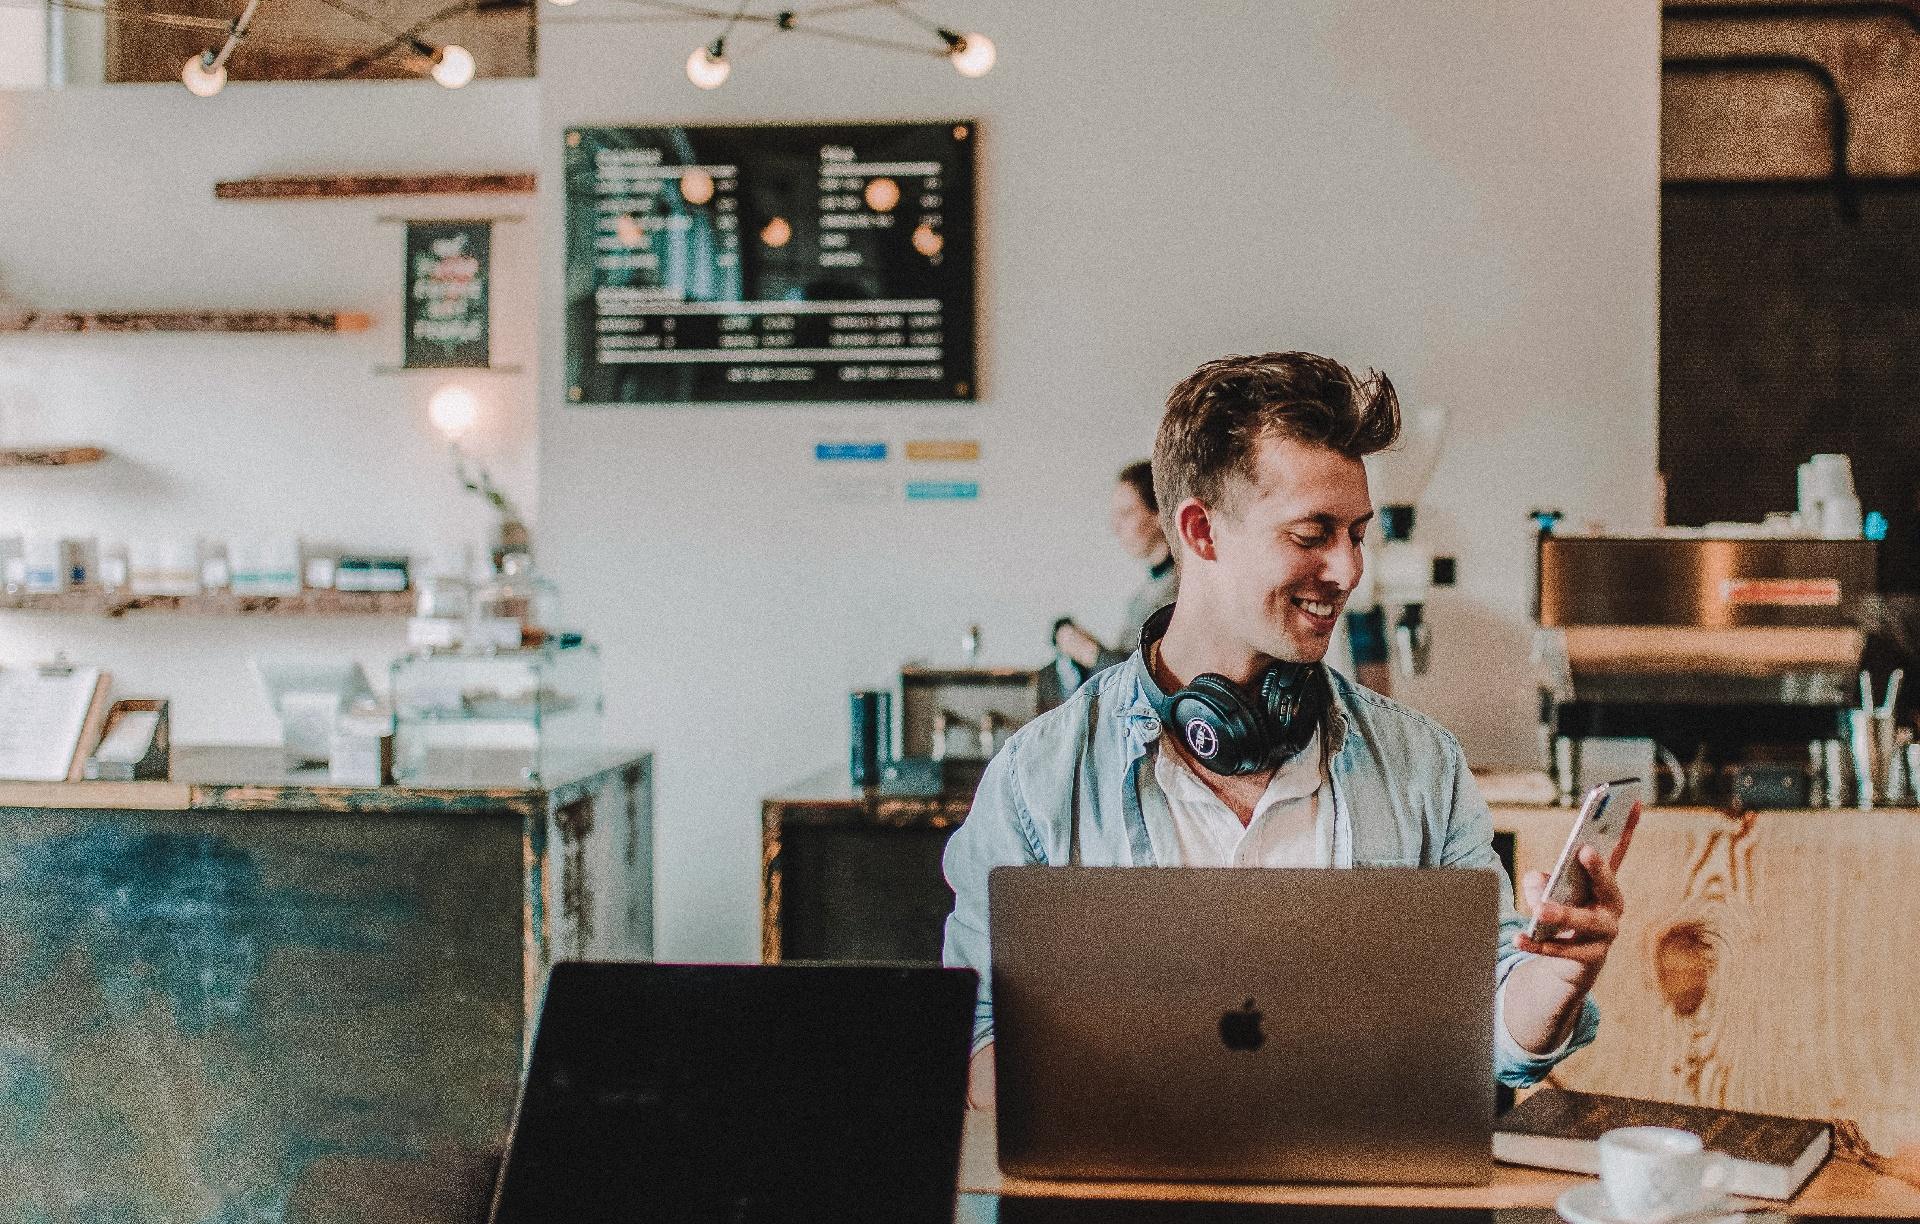 Die neue Version der ServiceNow-Plattform unterstützt Unternehmen bei den grössten Herausforderungen der hybriden Arbeitswelt_cmm360_Photo by Austin Distel on Unsplash